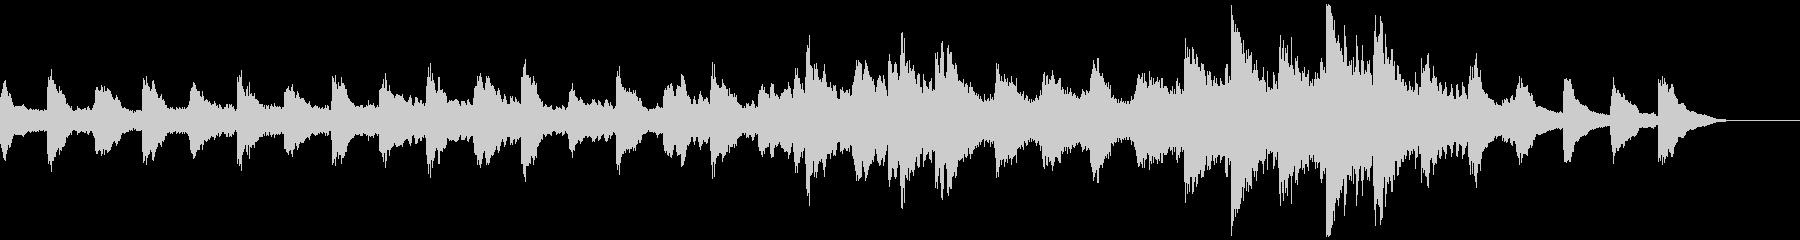 ミステリー・ホラー・不気味な生音ピアノの未再生の波形